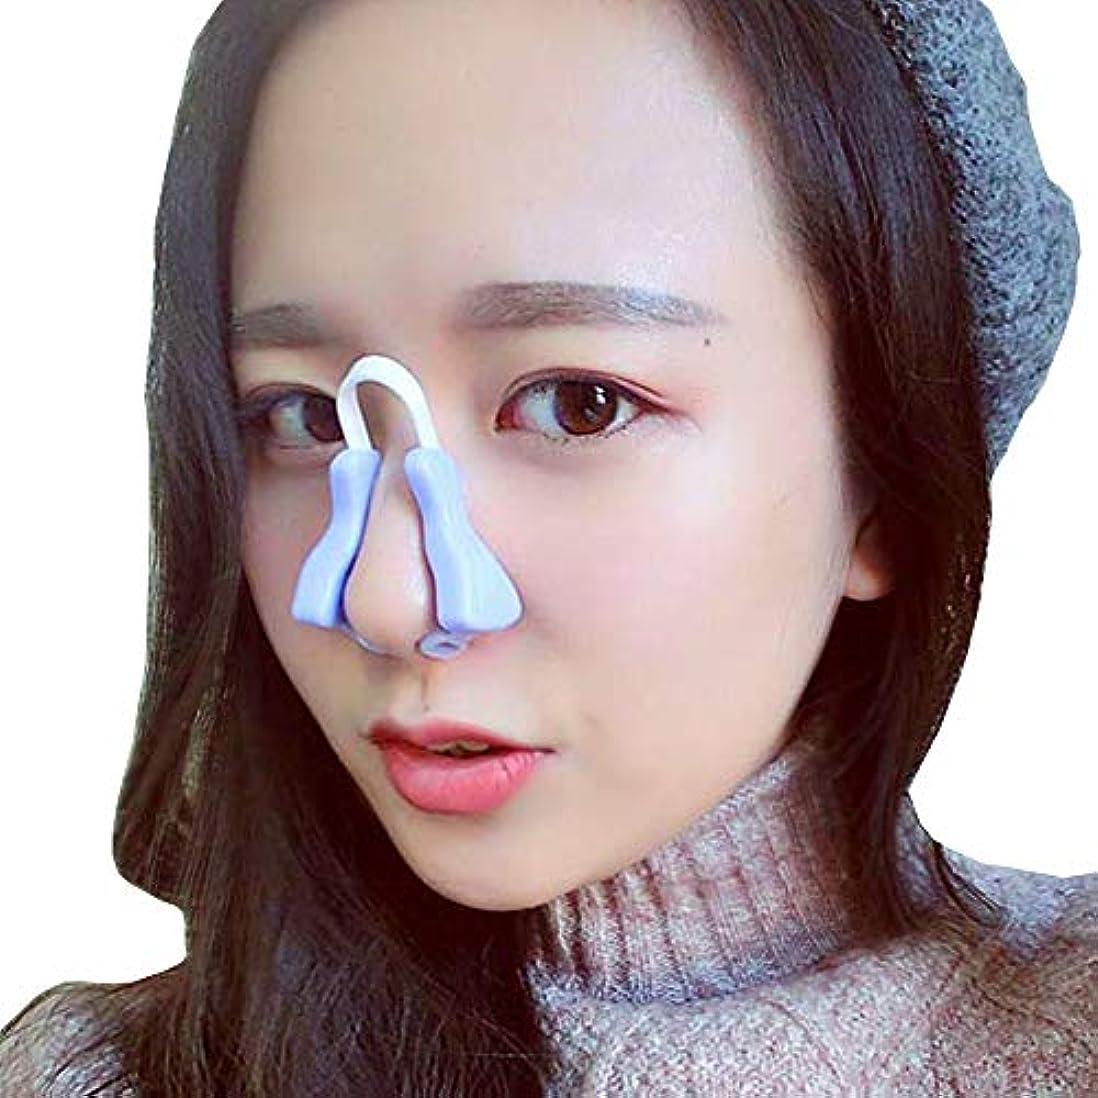 重要性護衛位置するYOE(ヨイ) ノーズアップ 鼻プチ 鼻筋ビューティー ノーズクリップ 美鼻でナイト プチ整形 鼻 矯正 ノーズピン (フリーサイズ, パープル)